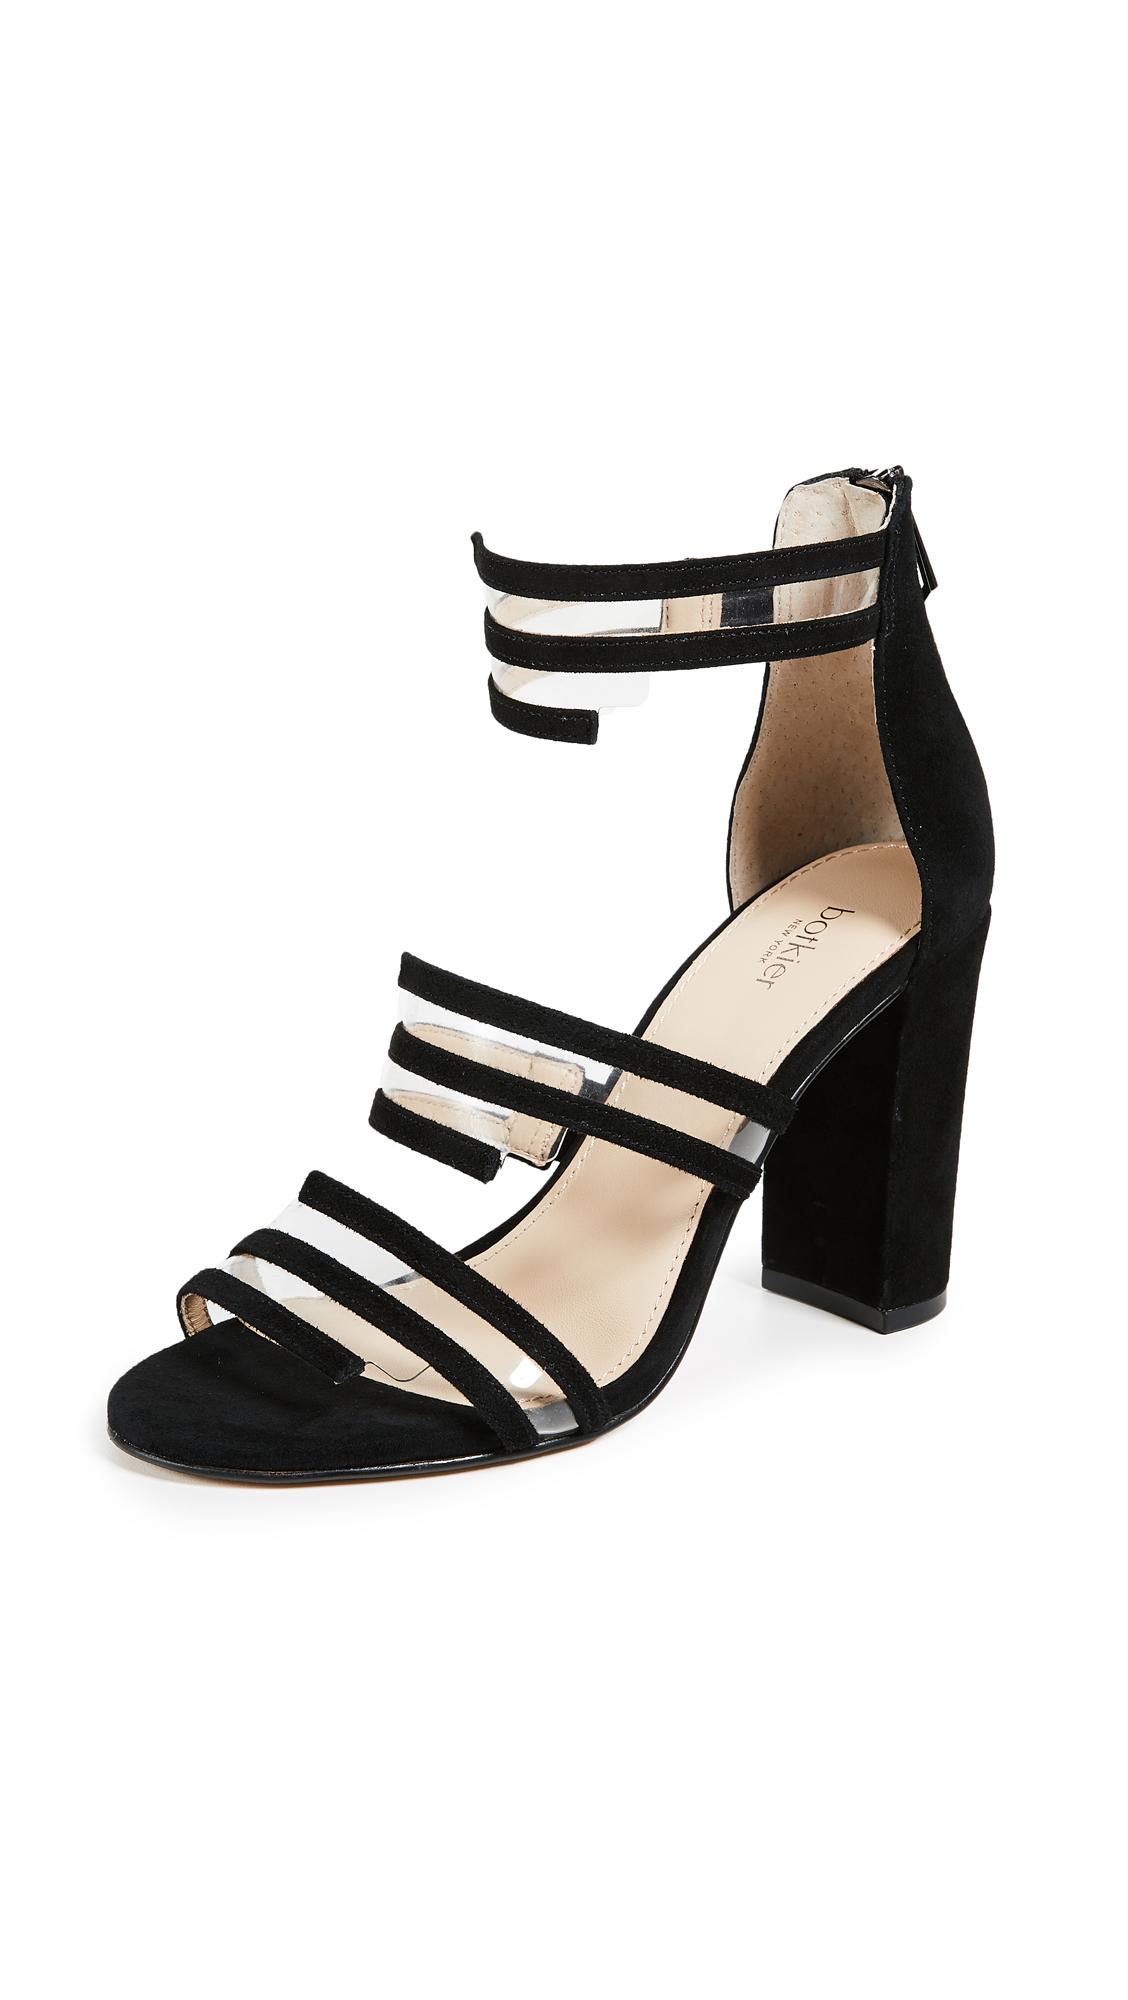 Botkier Grecia Strappy Sandals